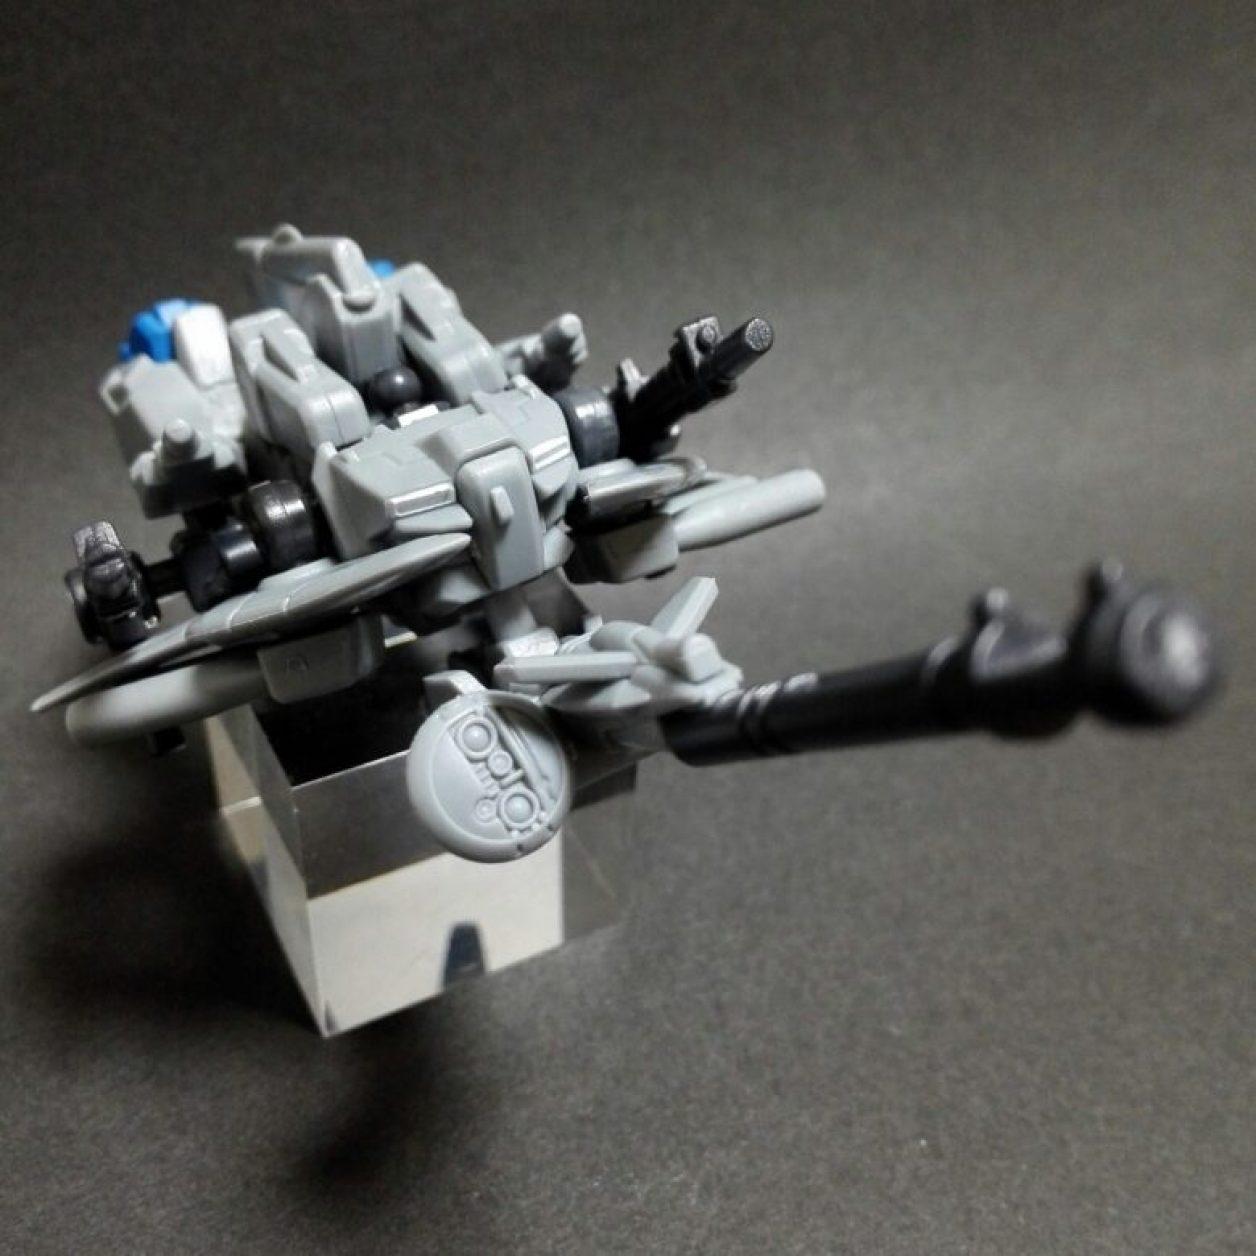 mobile suite ensemble(モビルスーツアンサンブル)14弾のゼータプラスのC1型ウェイブ・ライダー形態の画像